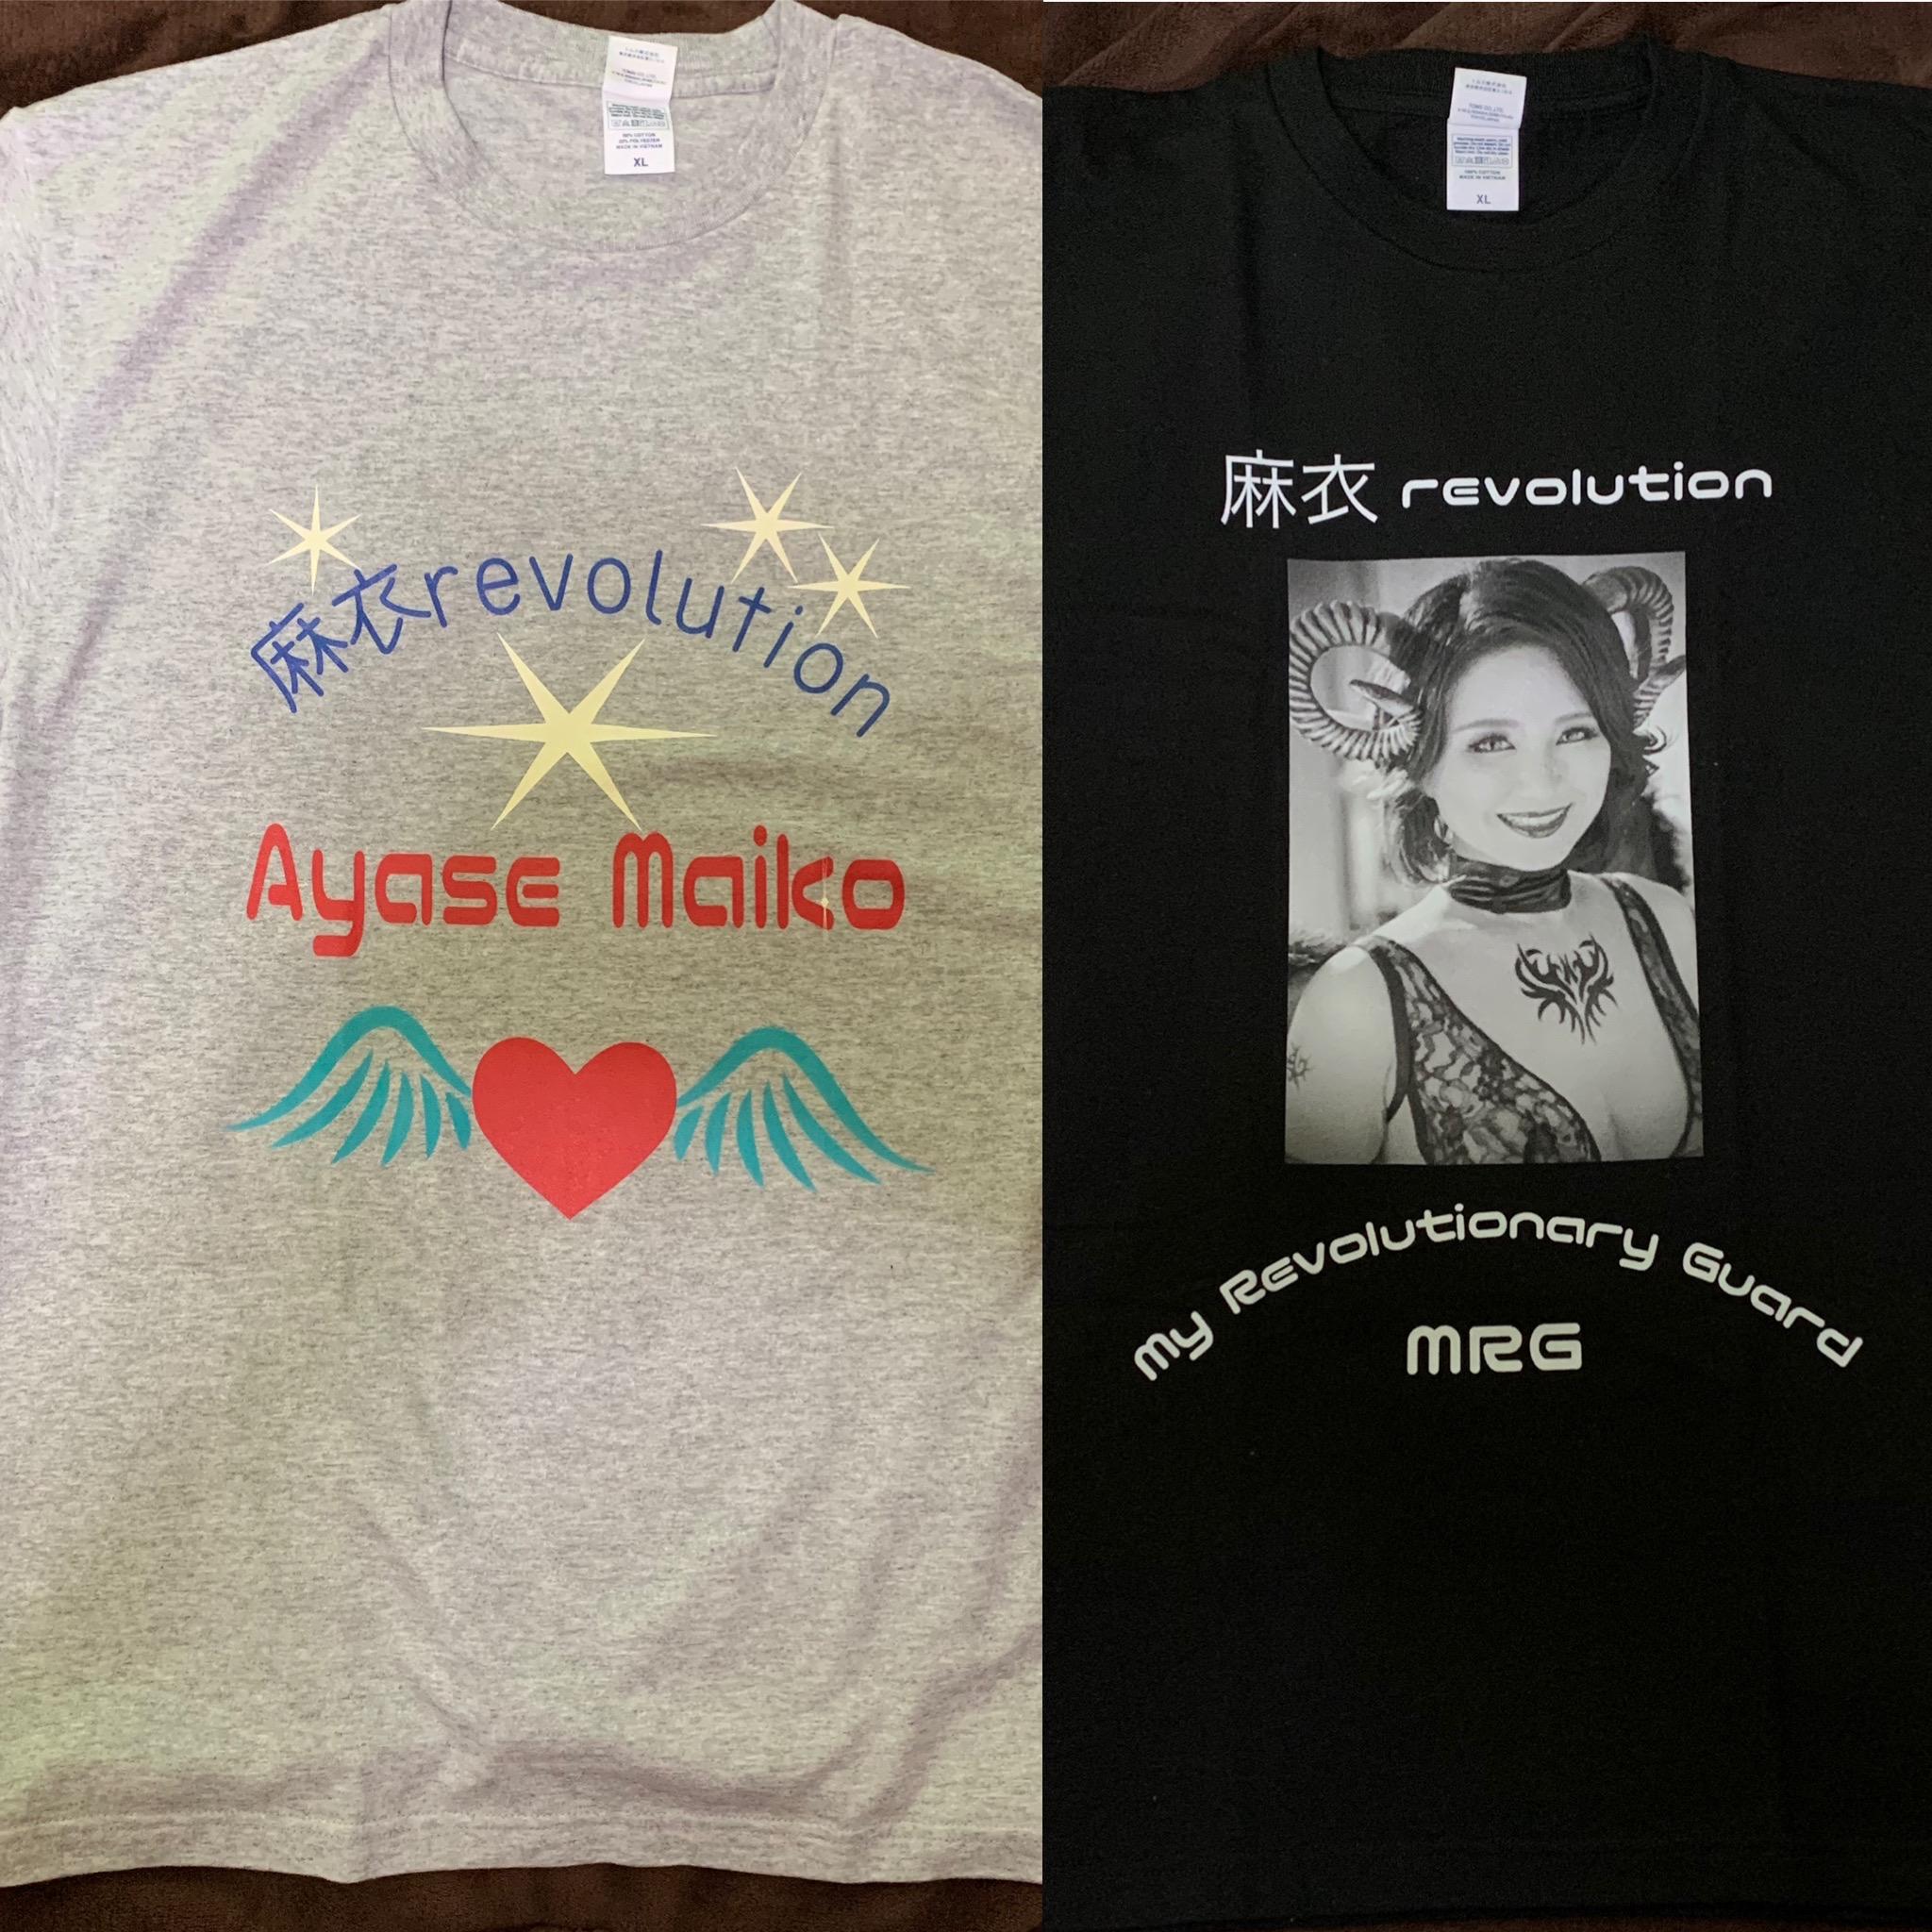 デザインに忠実に、そしてTシャツの素材も良かったです。